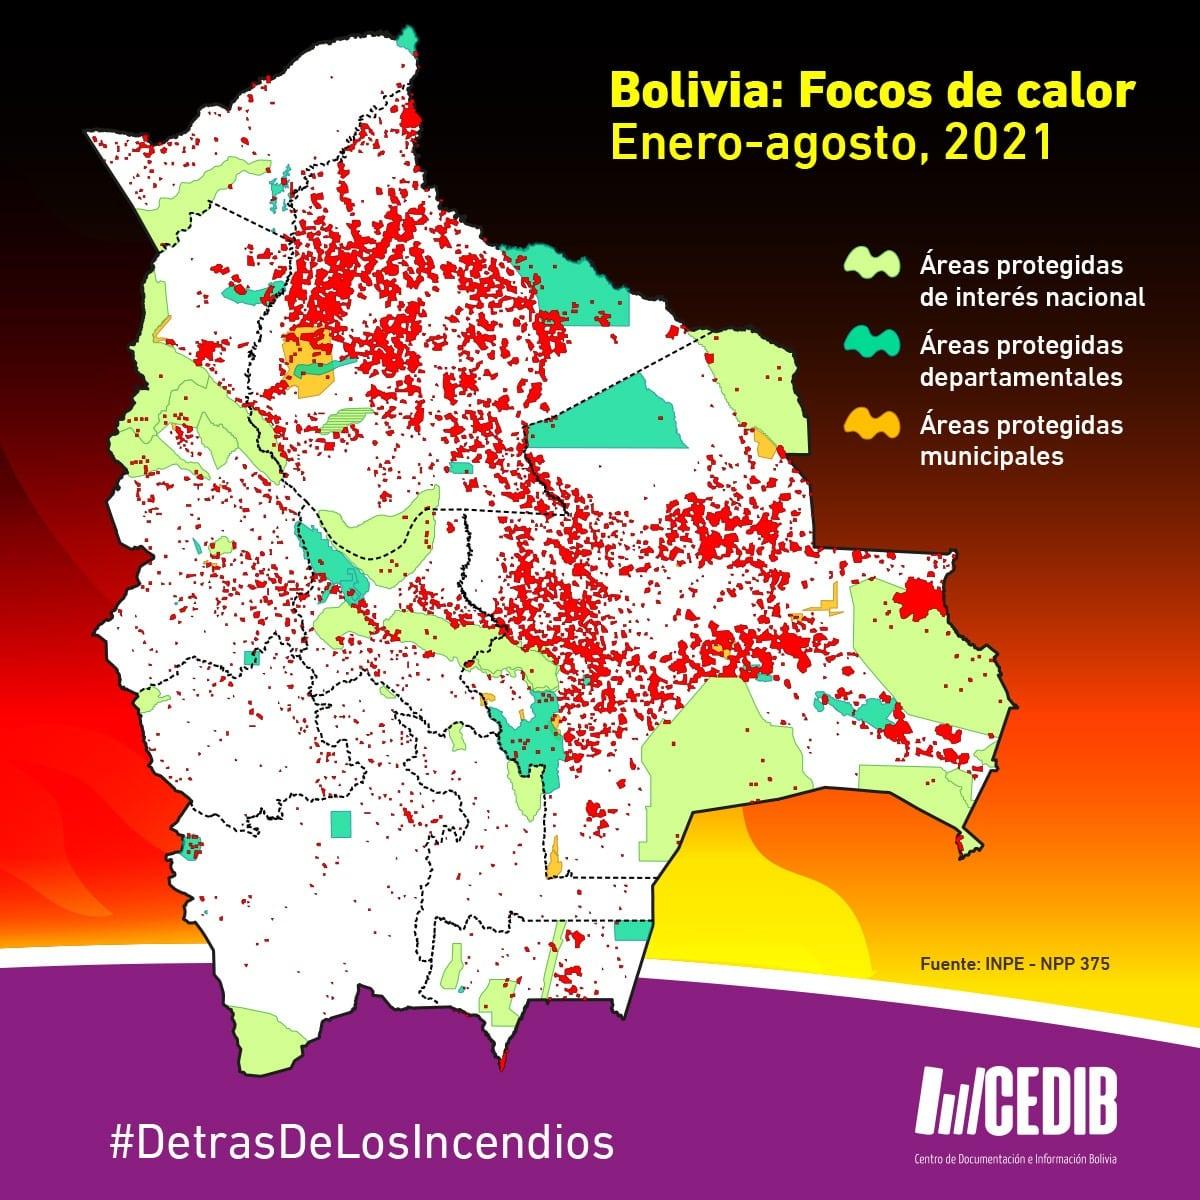 Focos de calor incendios en Bolivia 2021